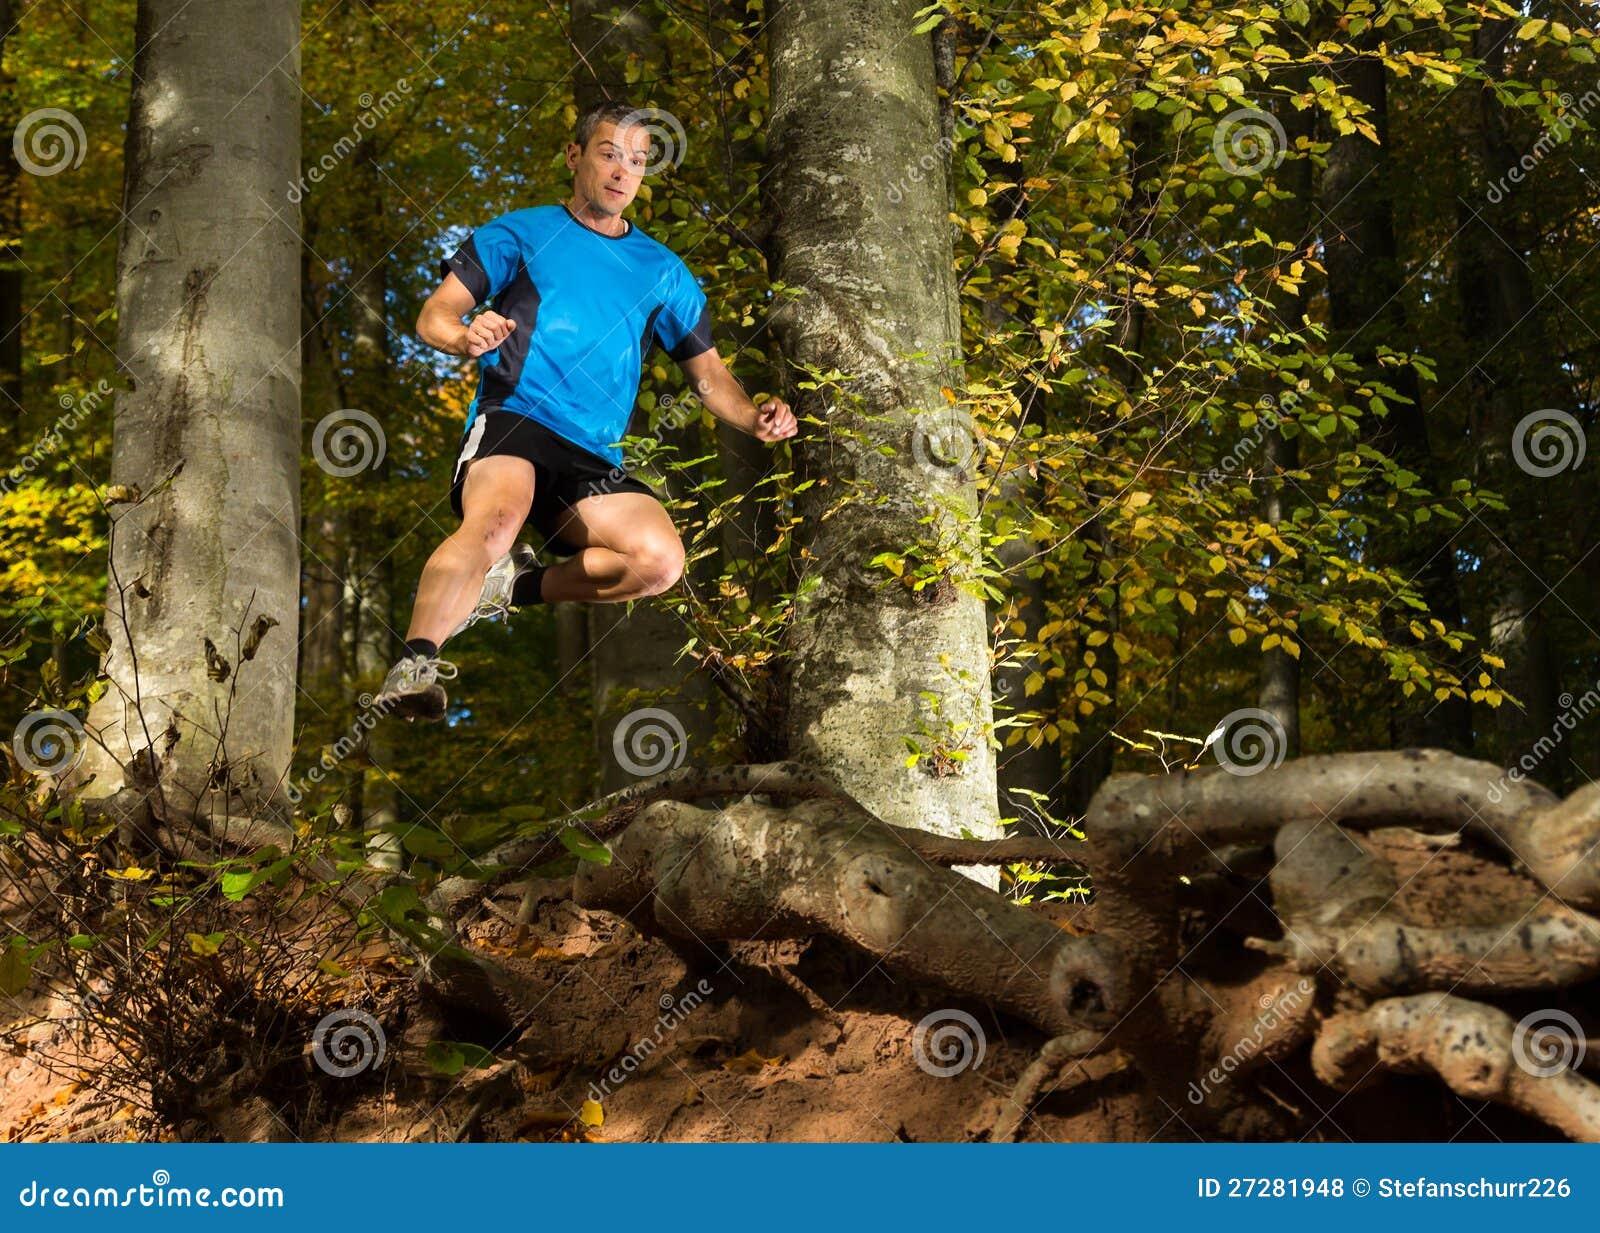 Arhlete, i trailrunning